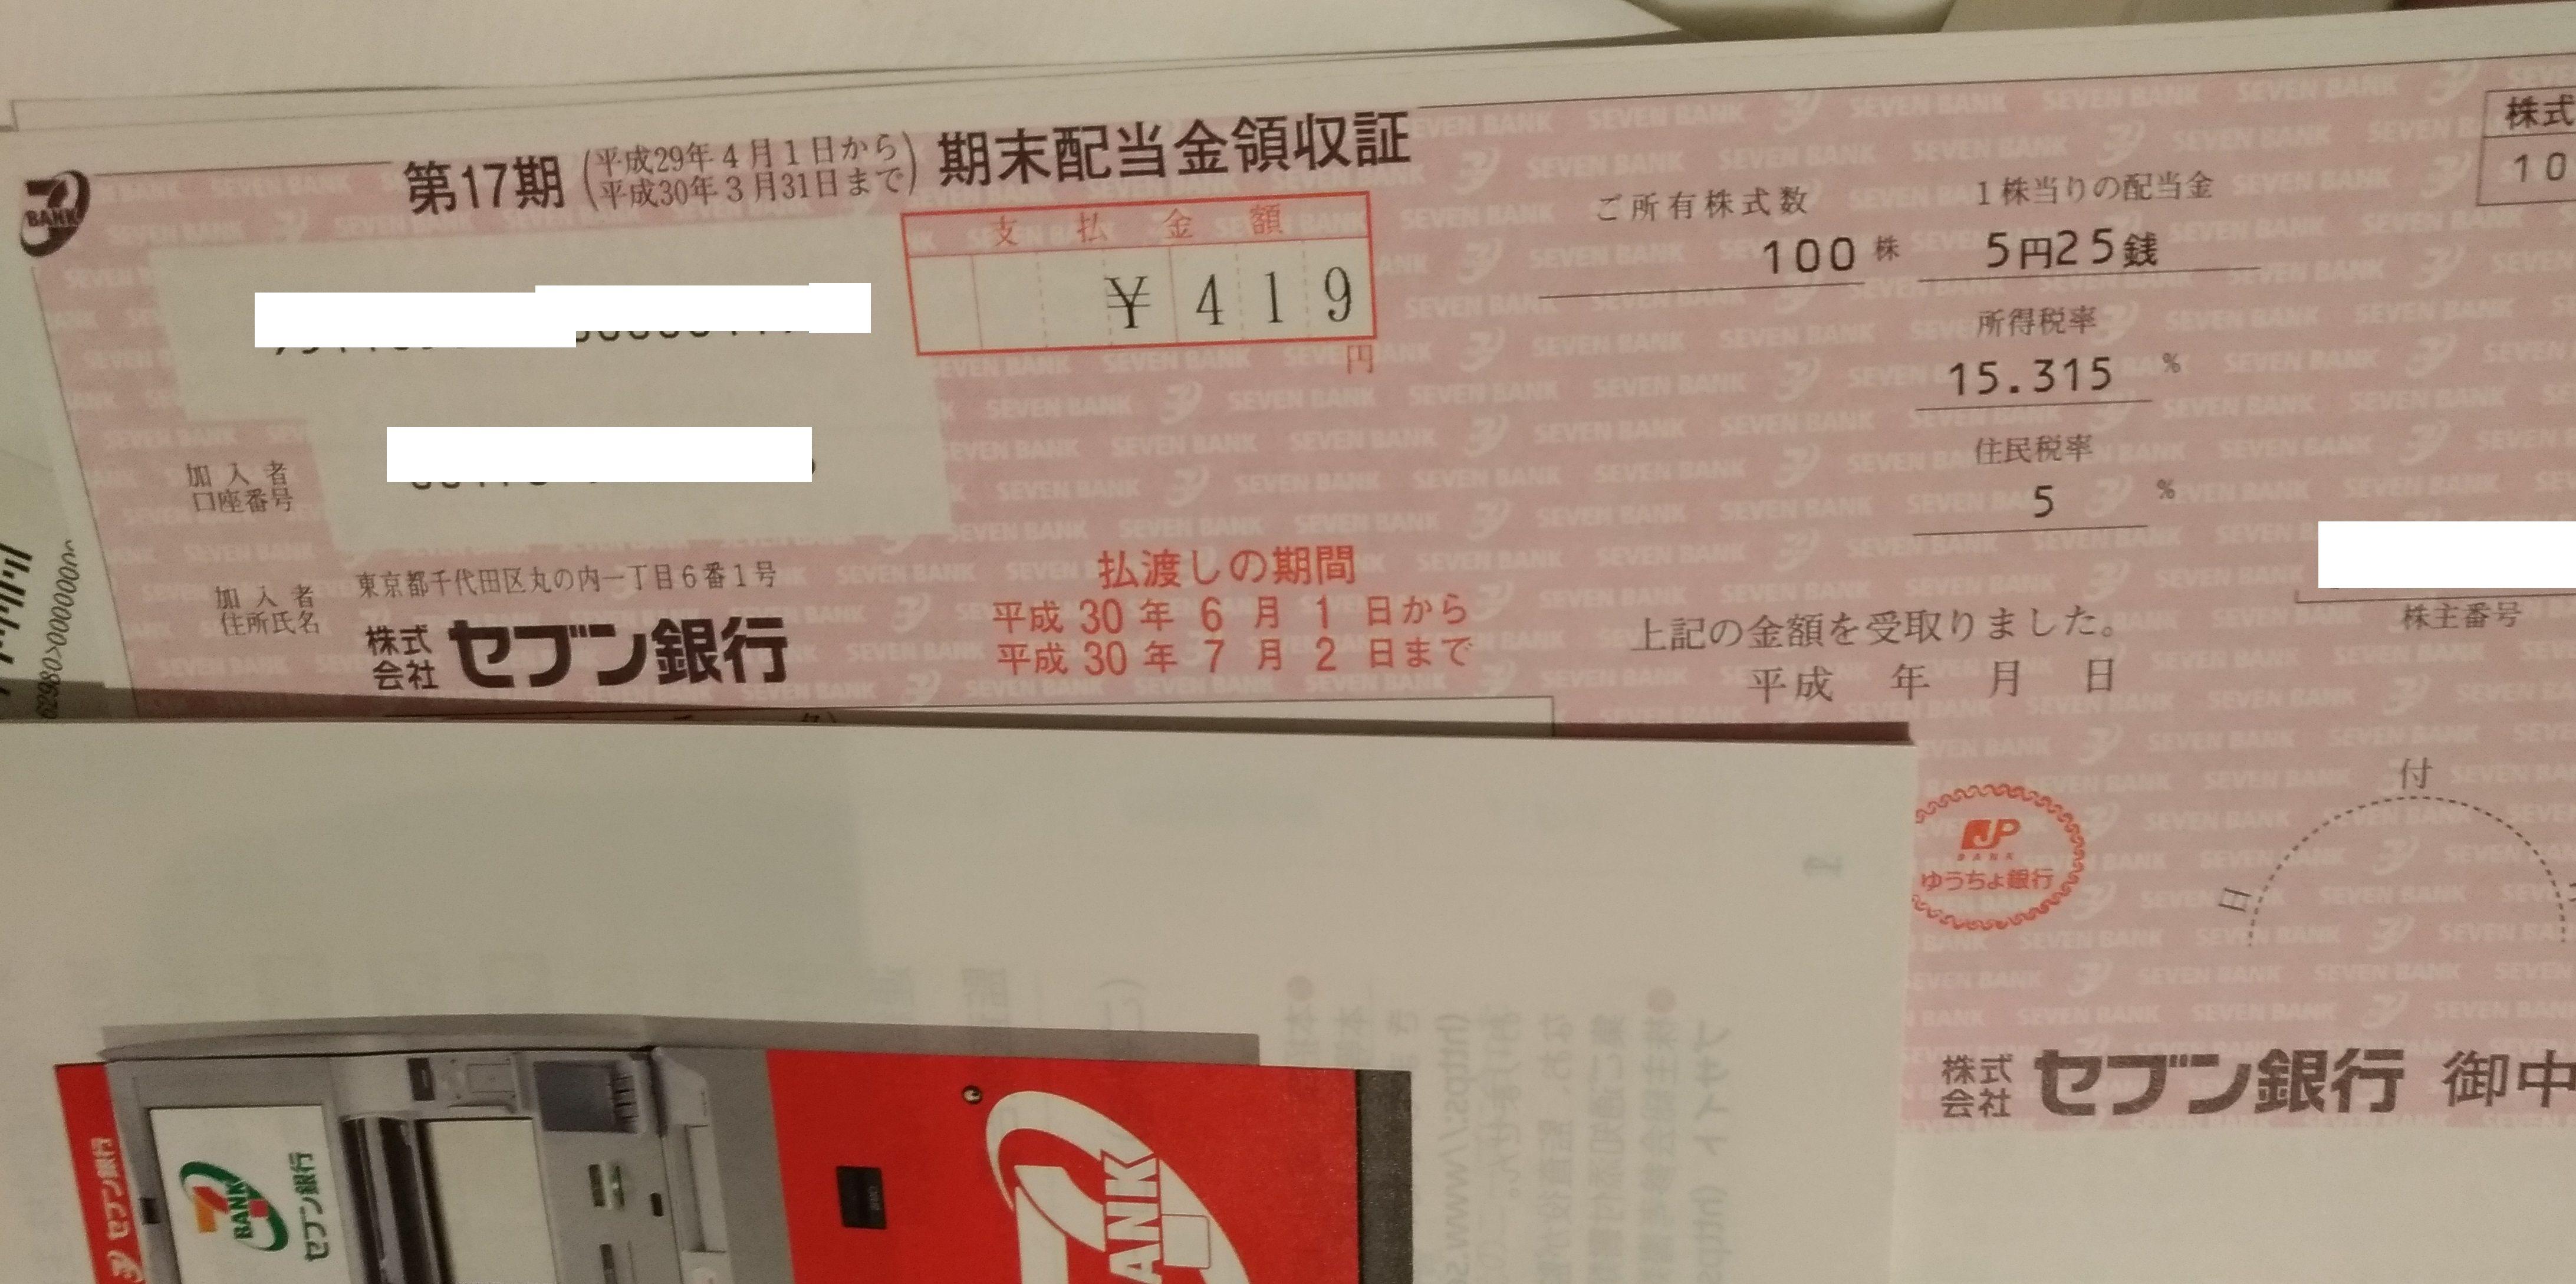 三菱ufj 配当 権利確定日